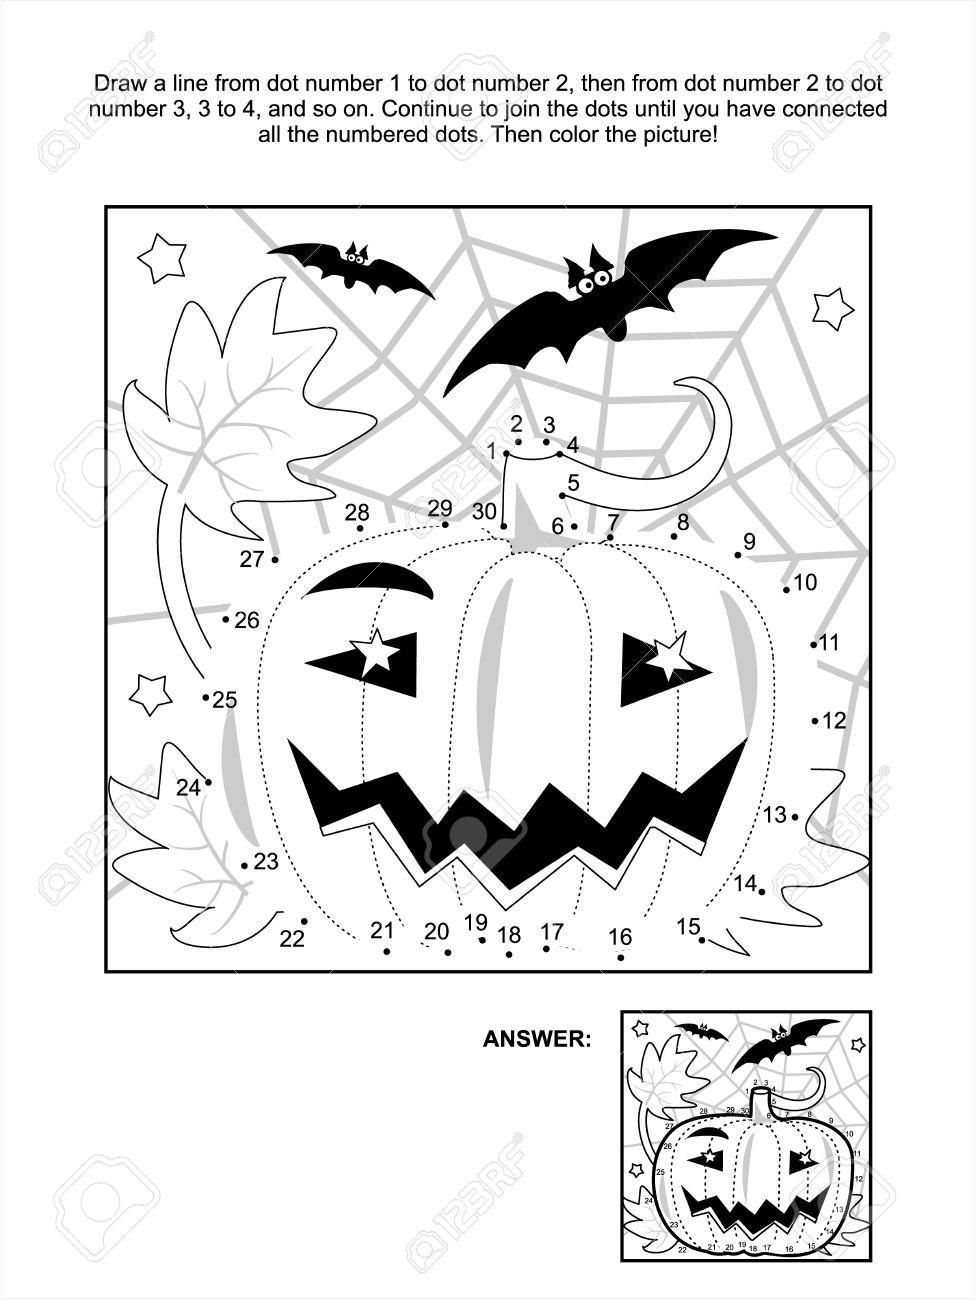 Reliez Les Points Image Puzzle Et Coloriage - Halloween Scène De Nuit À La  Citrouille, Chauve-Souris Et Toile D'araignée. Répondez Inclus. concernant Relier Les Points De 1 À 30